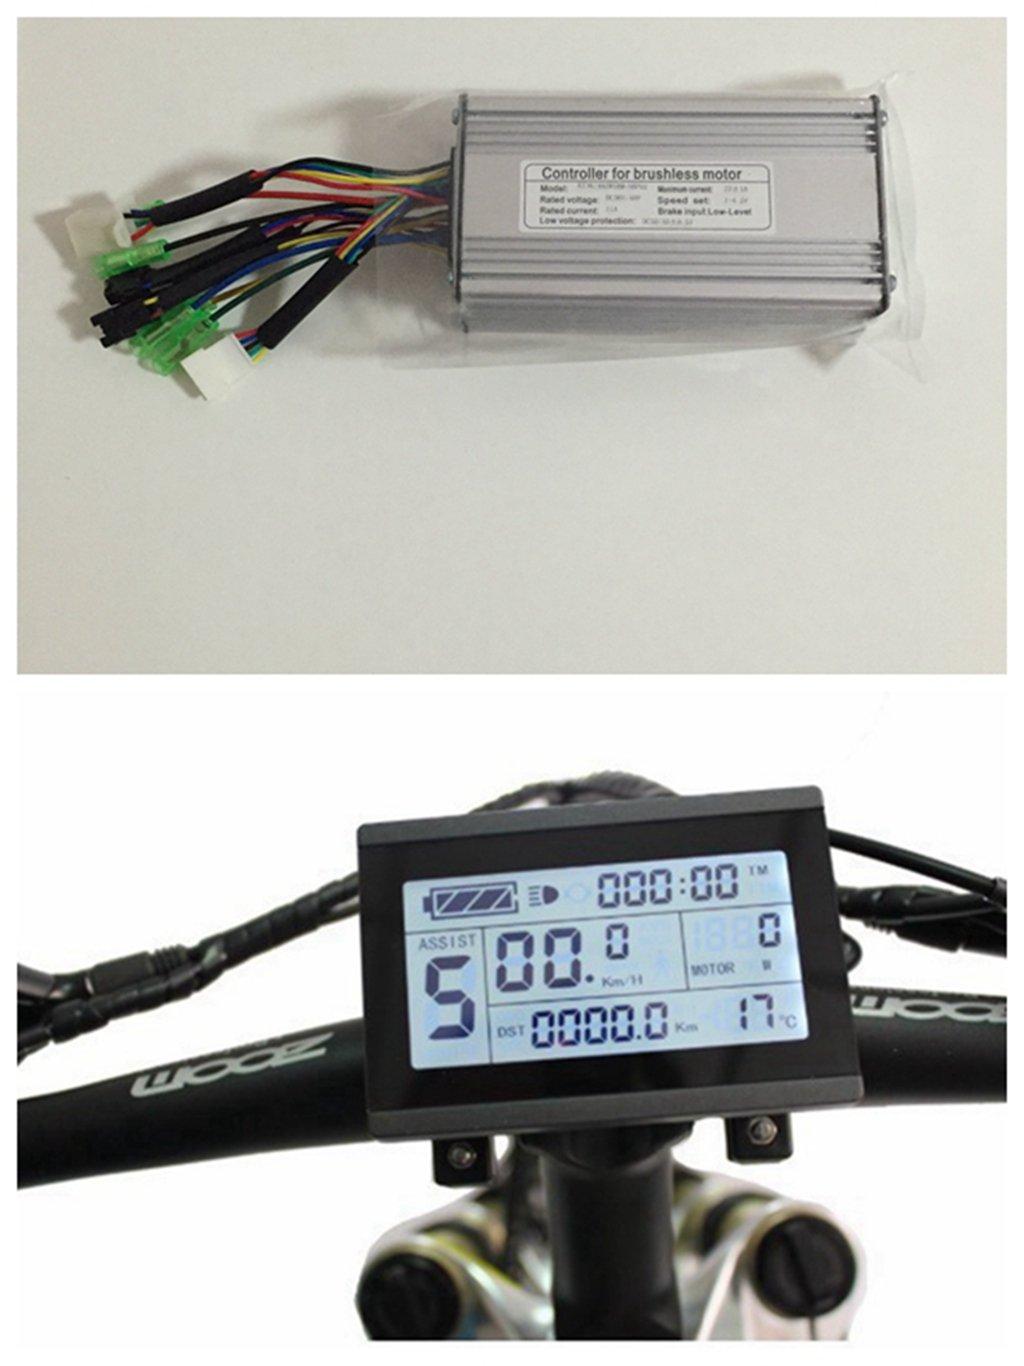 NBPower Juego de controlador de motor sin escobillas para bicicleta, 36 V/48 V, 500 W, 22 A, CC + KT-LCD3, se utiliza para kit de bicicleta de 500 W. niubo power